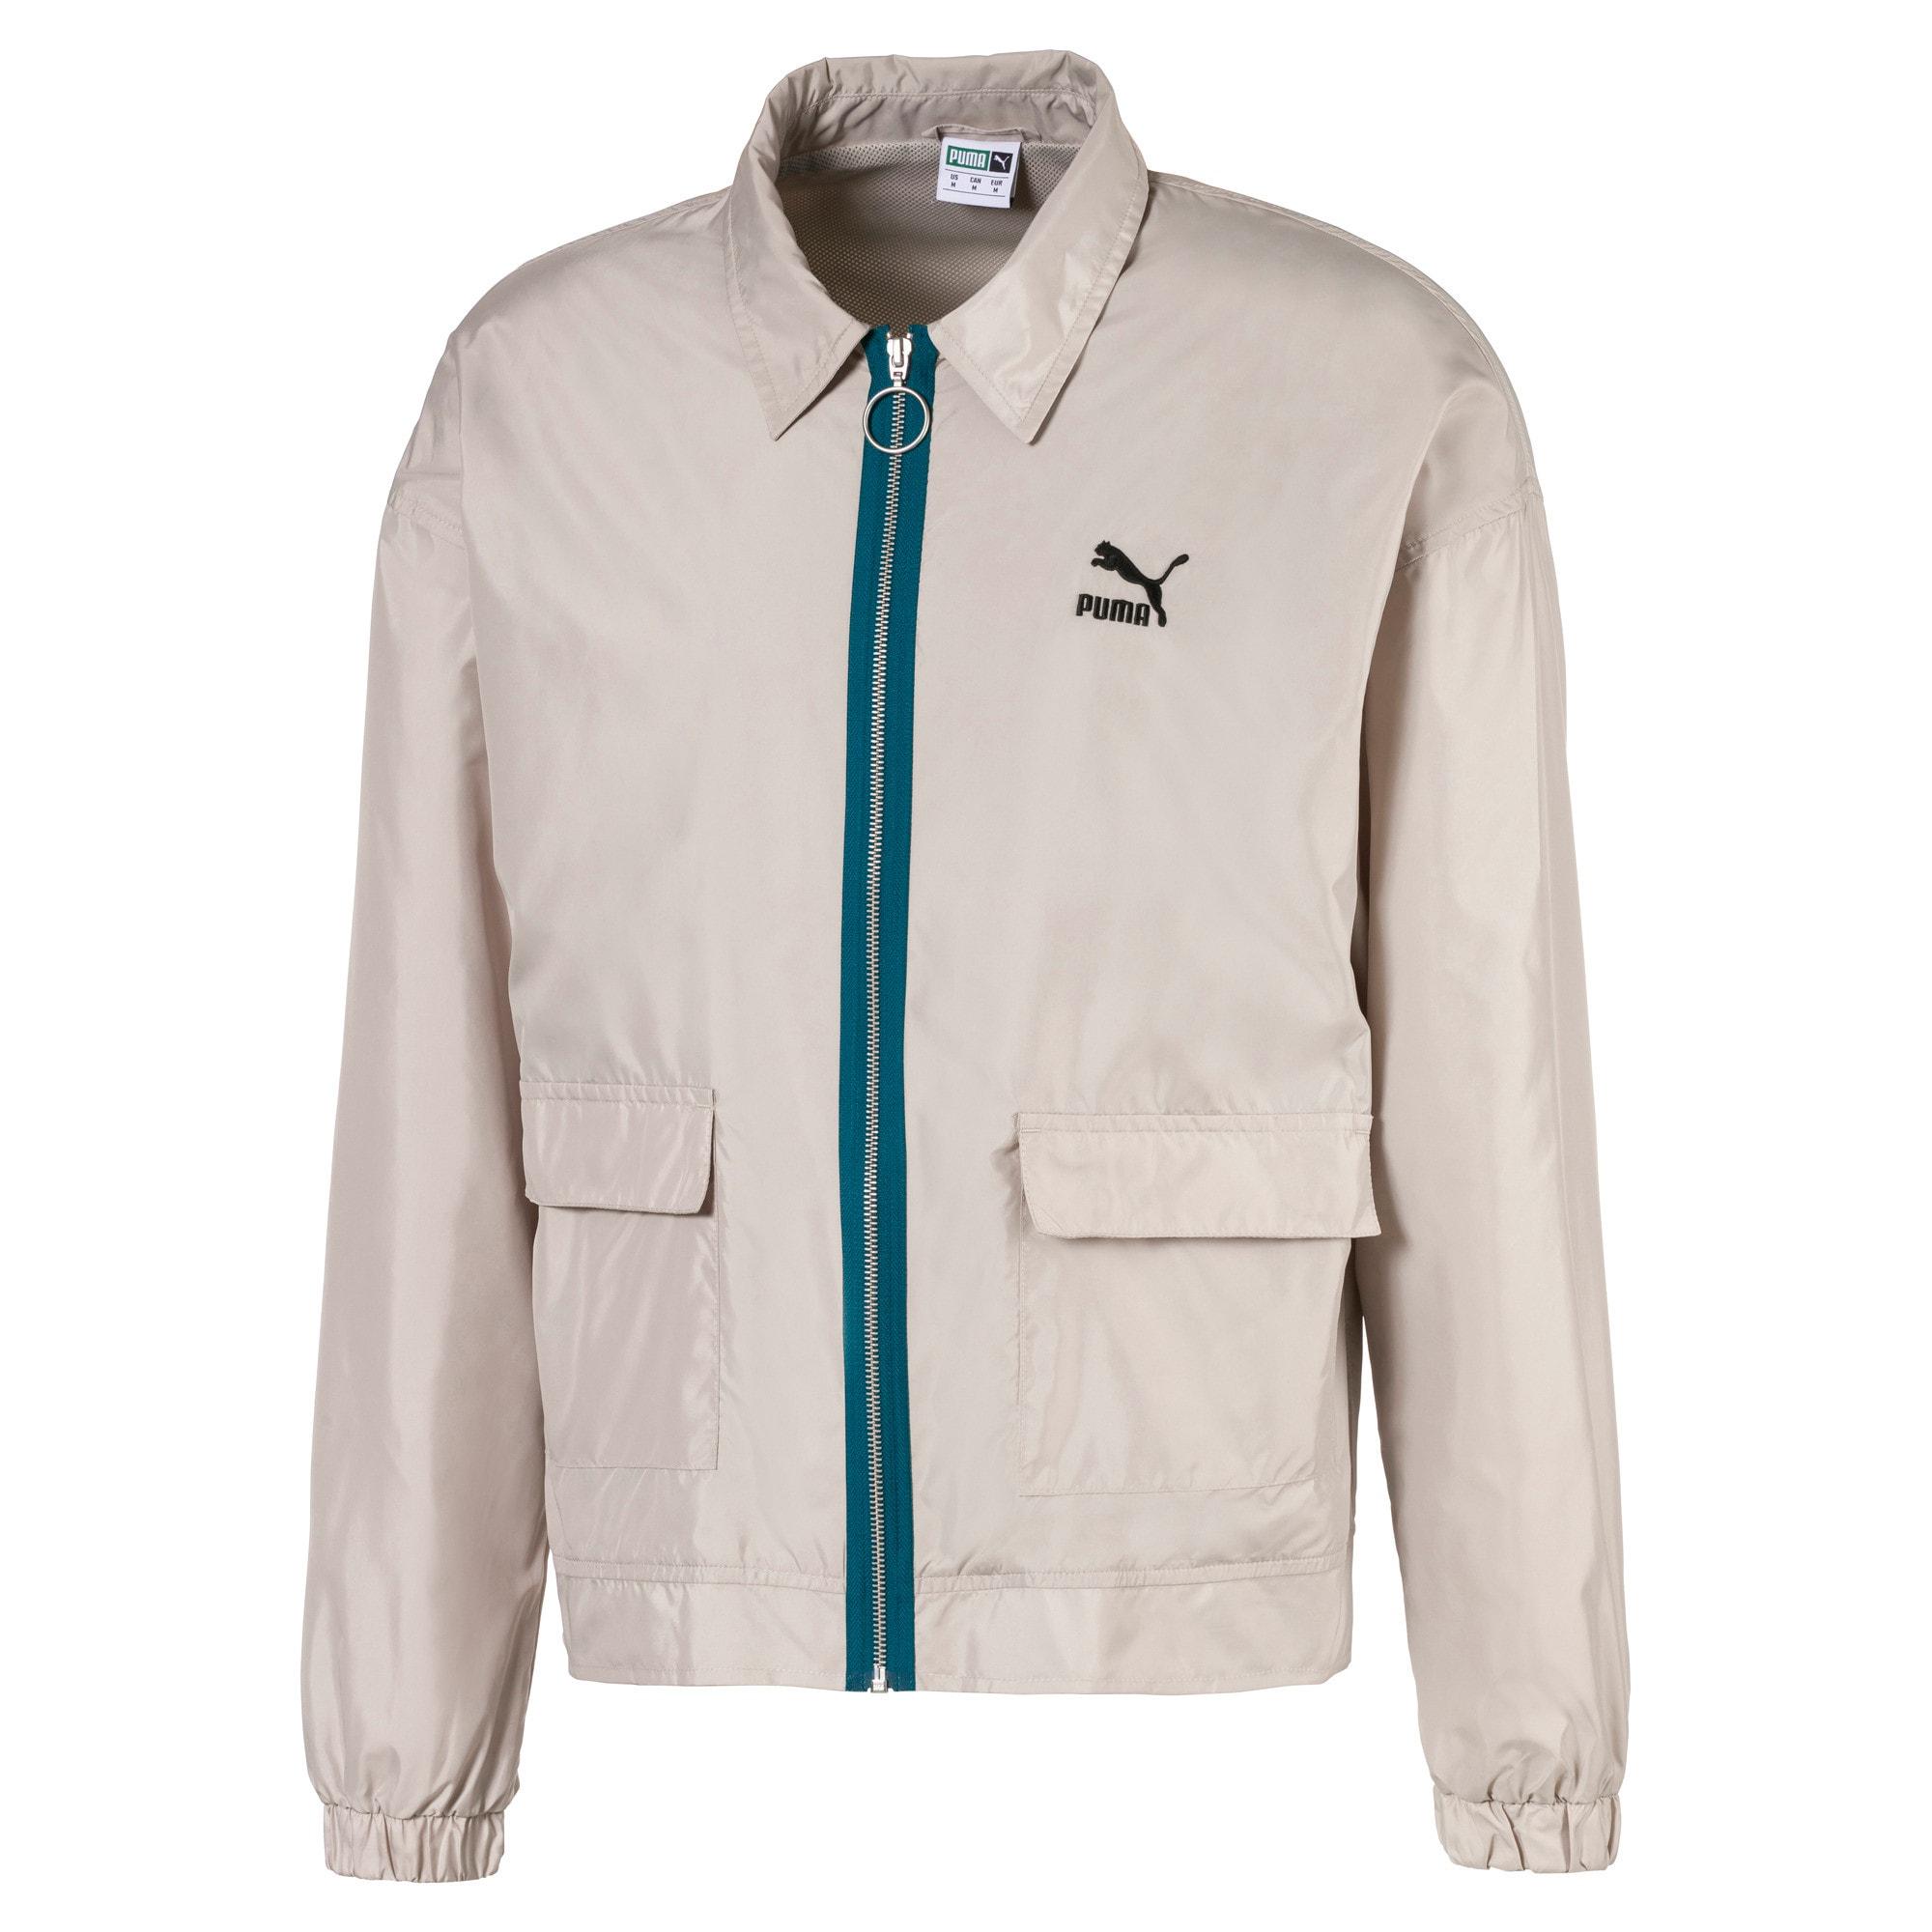 Thumbnail 1 of Lightweight Woven Men's Jacket, Dove, medium